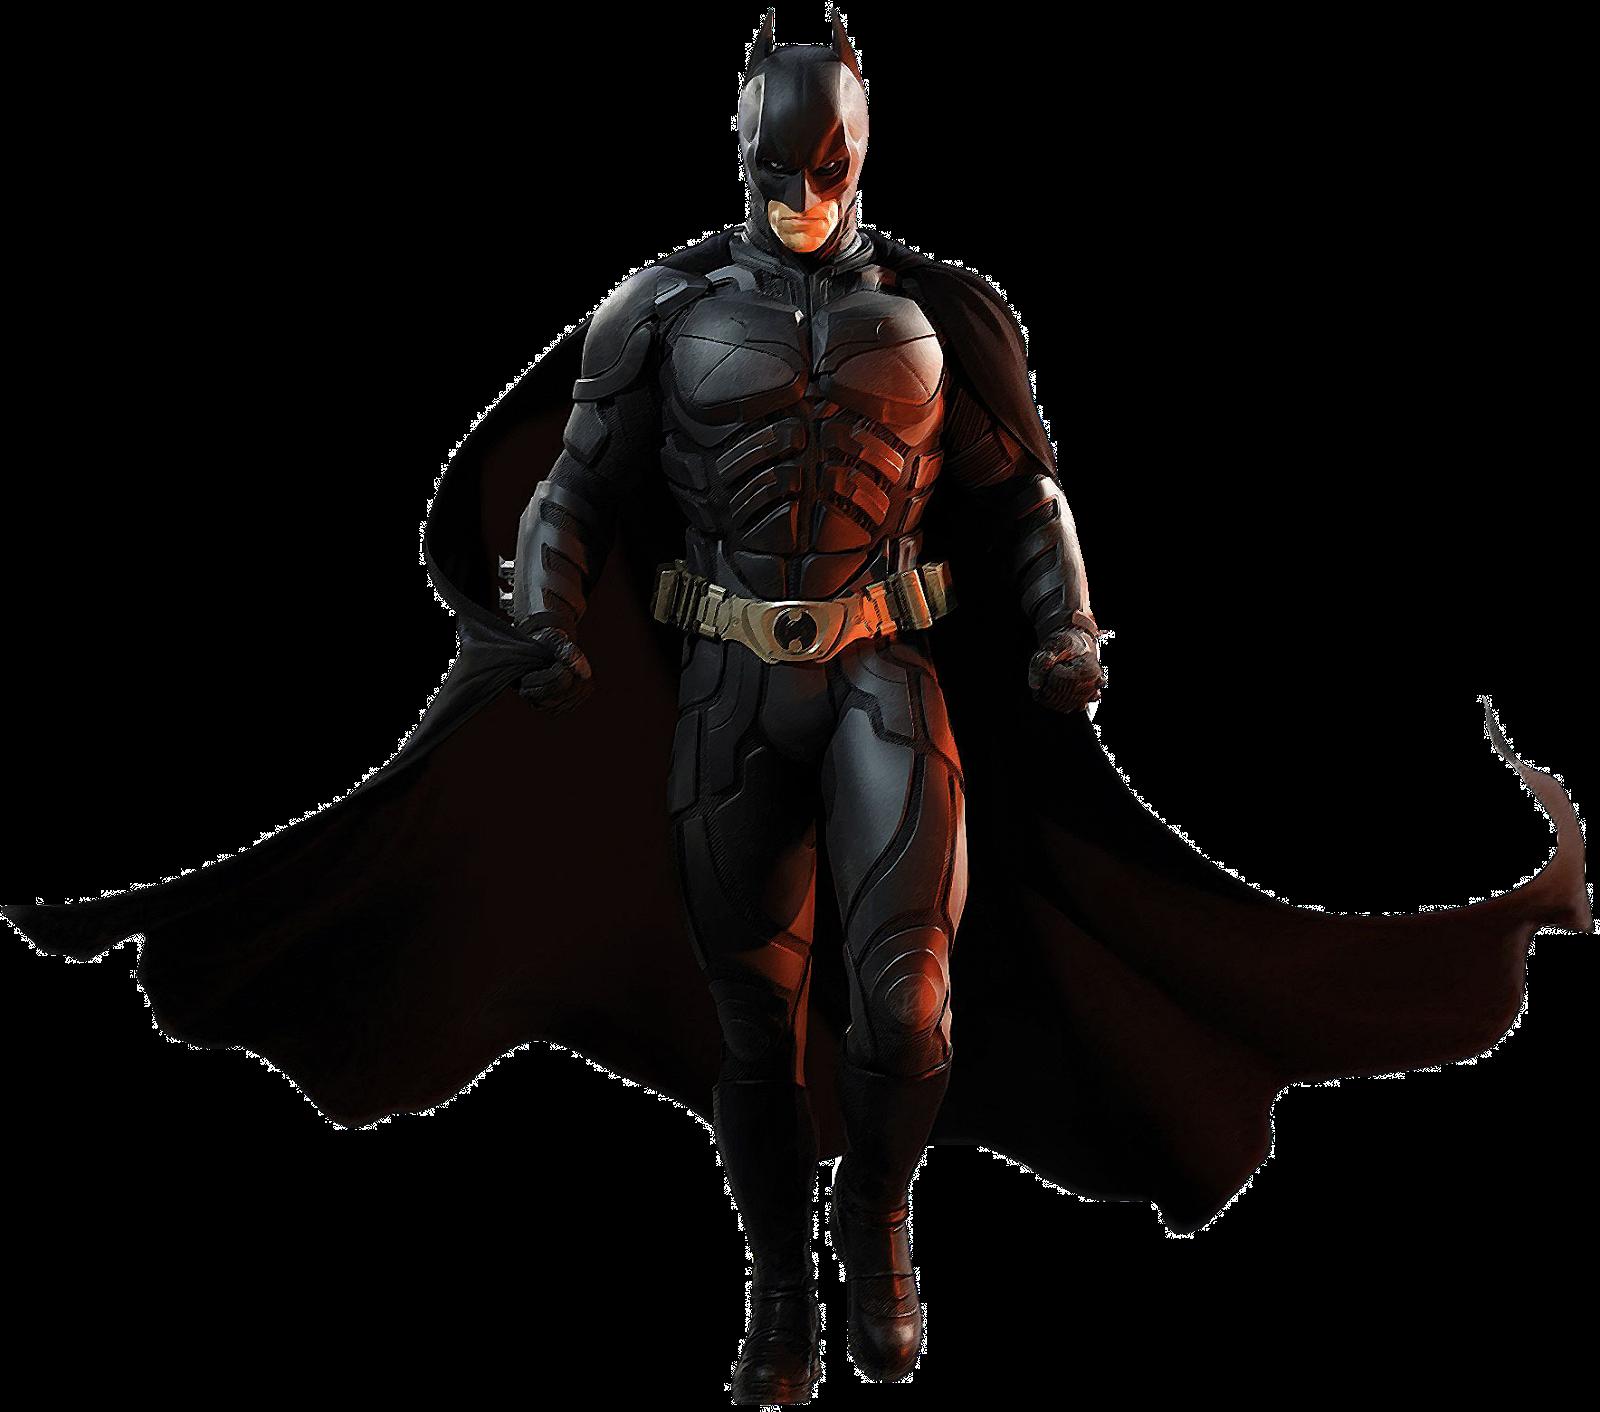 batman-png-batman-arkham-knights-png-png-image-1600.png